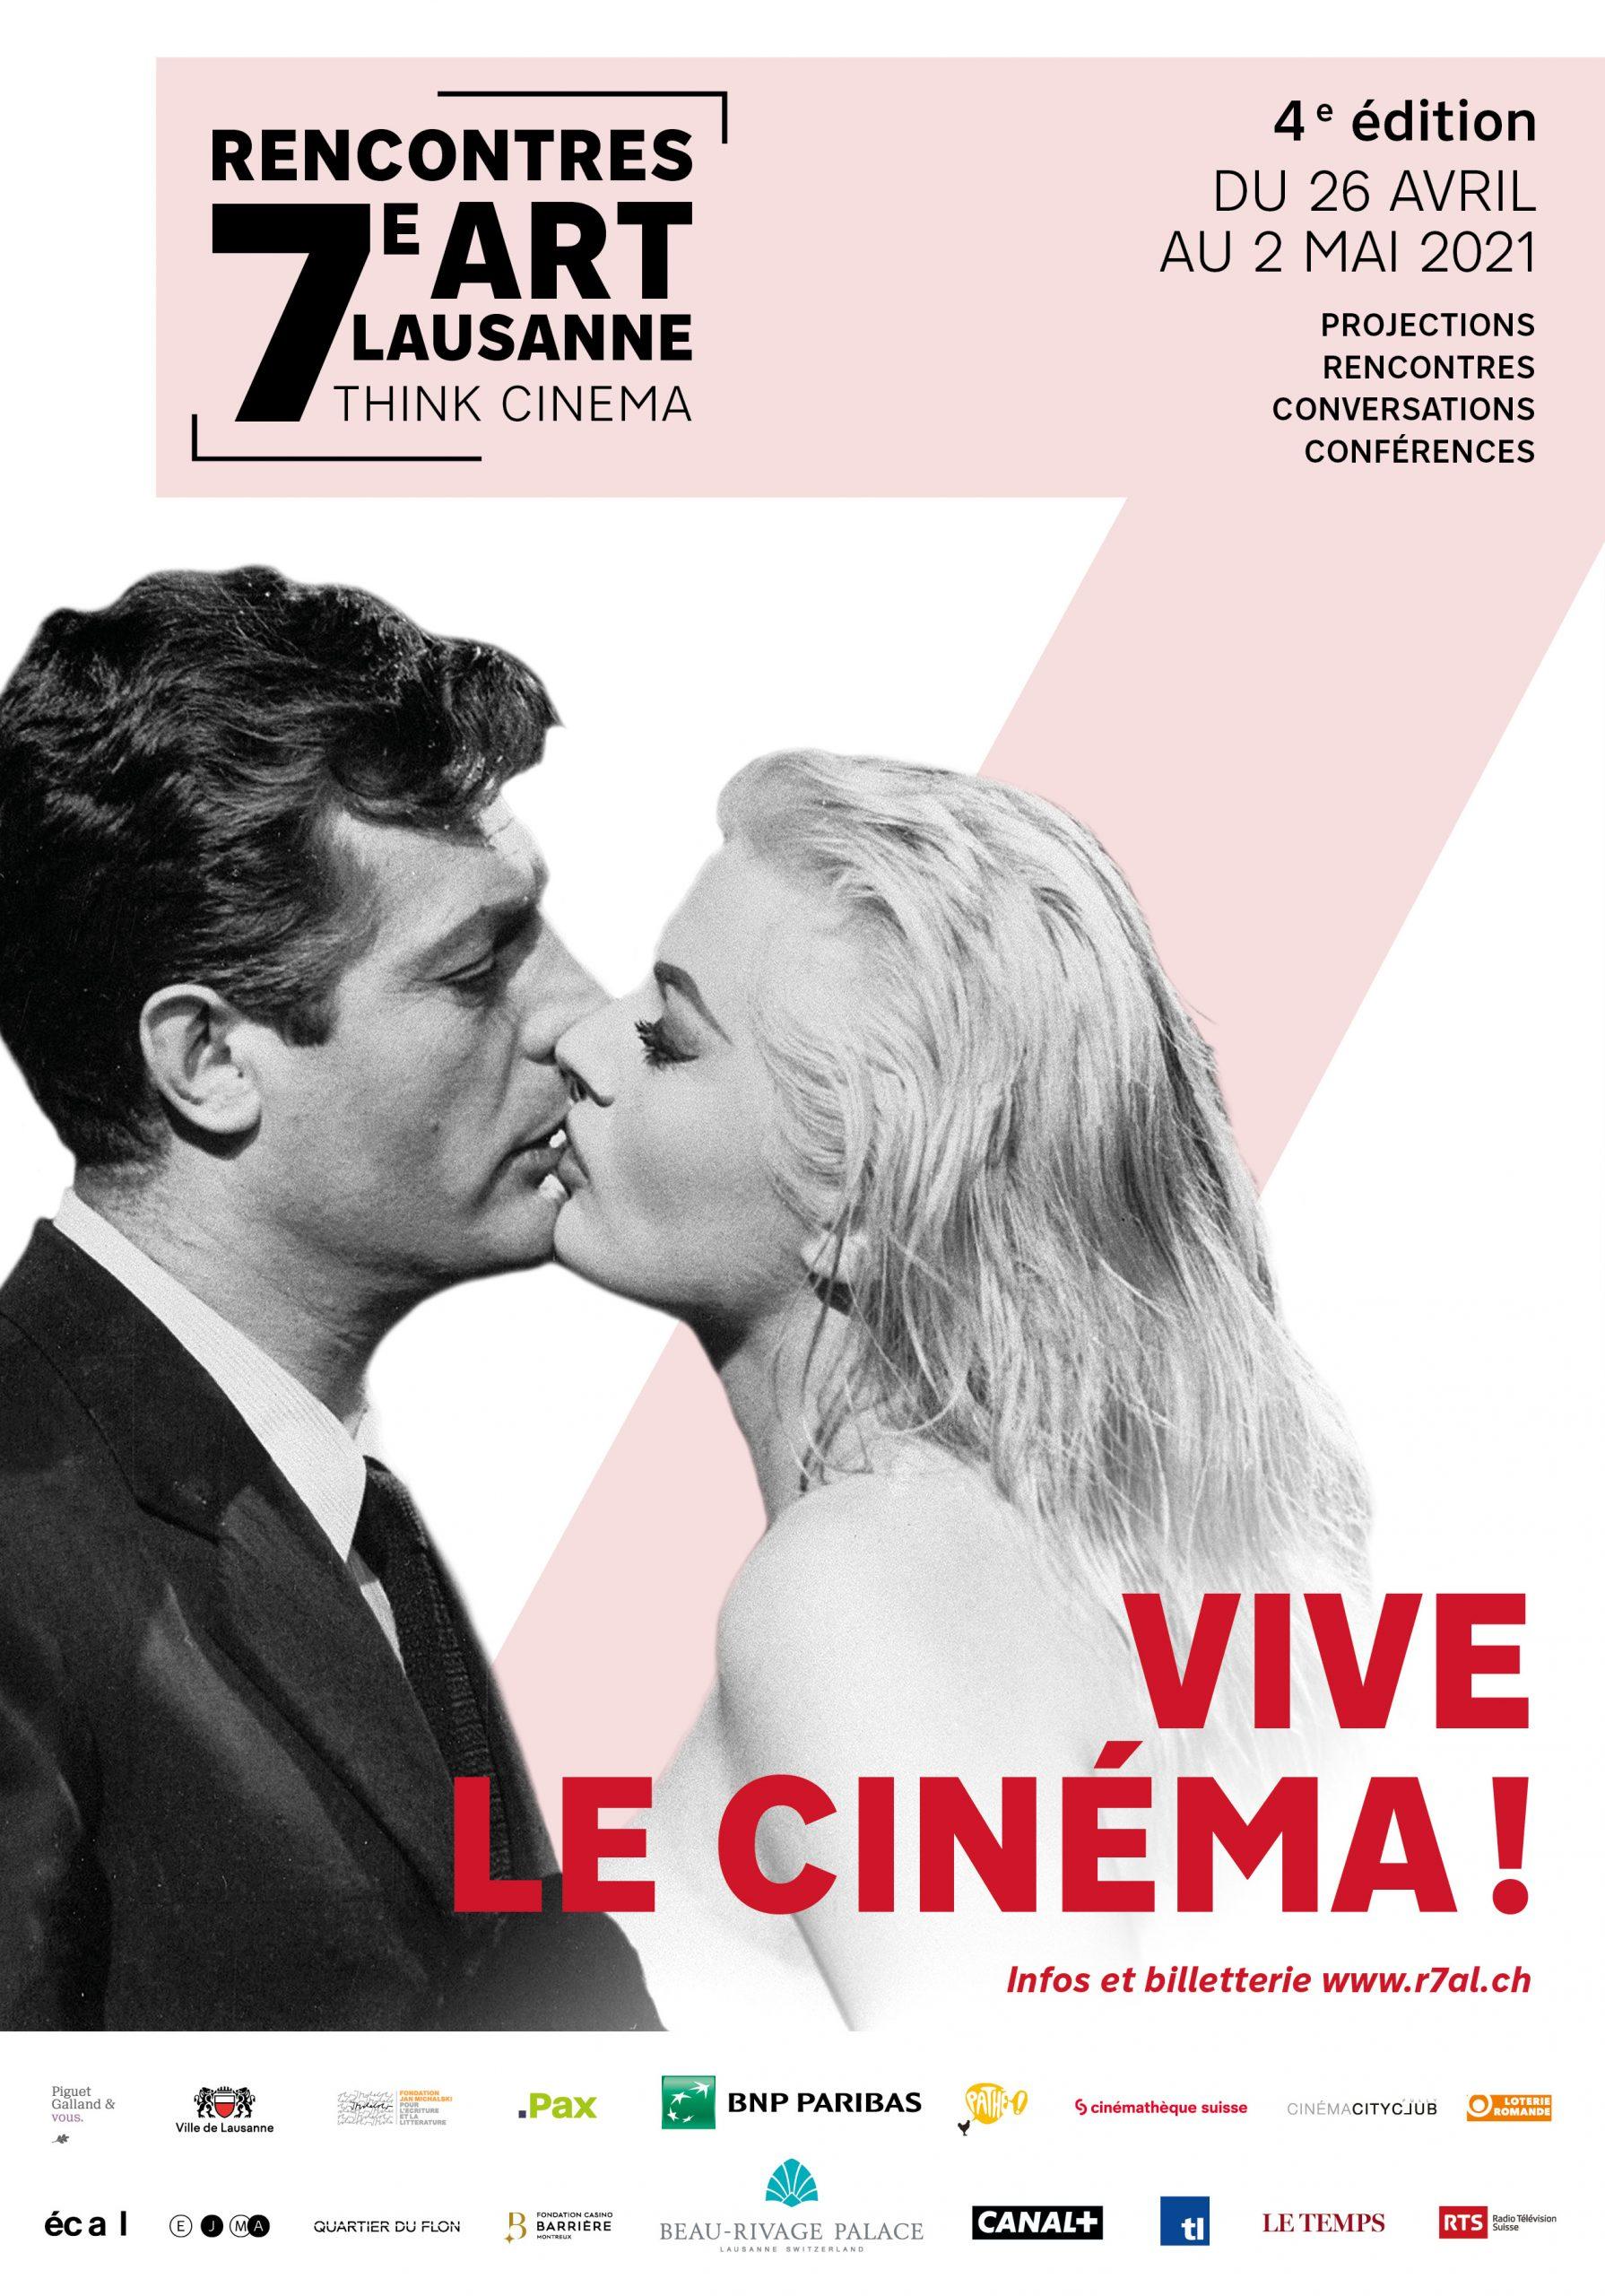 Rencontres 7ème art Lausanne : 4ème Éditions 26 avril- 2 mai 2021